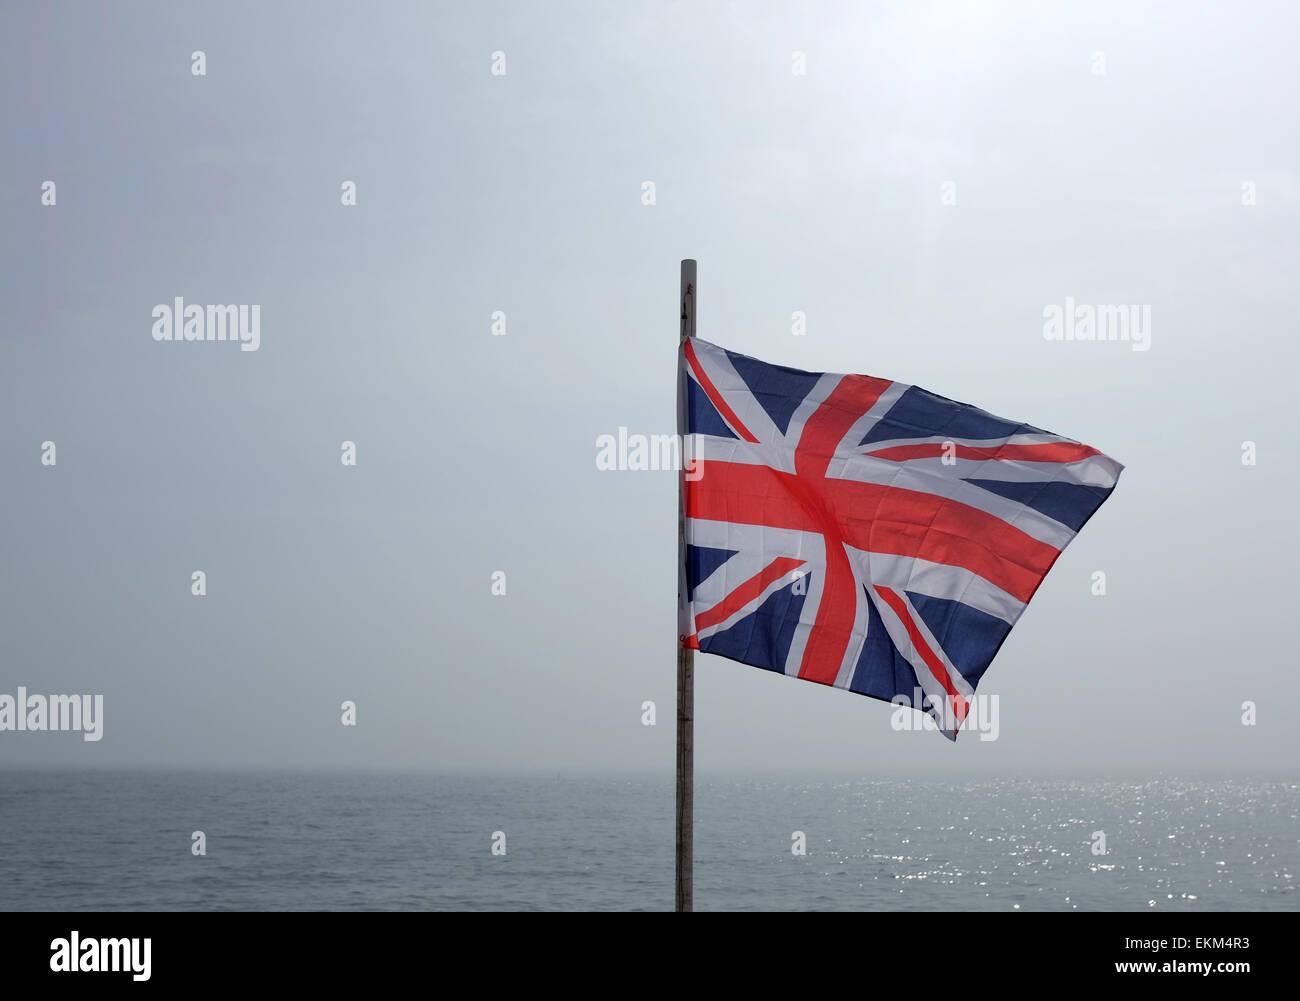 Anschluß-Markierungsfahne fliegen vor dem Hintergrund des Meeres und des Himmels Stockbild